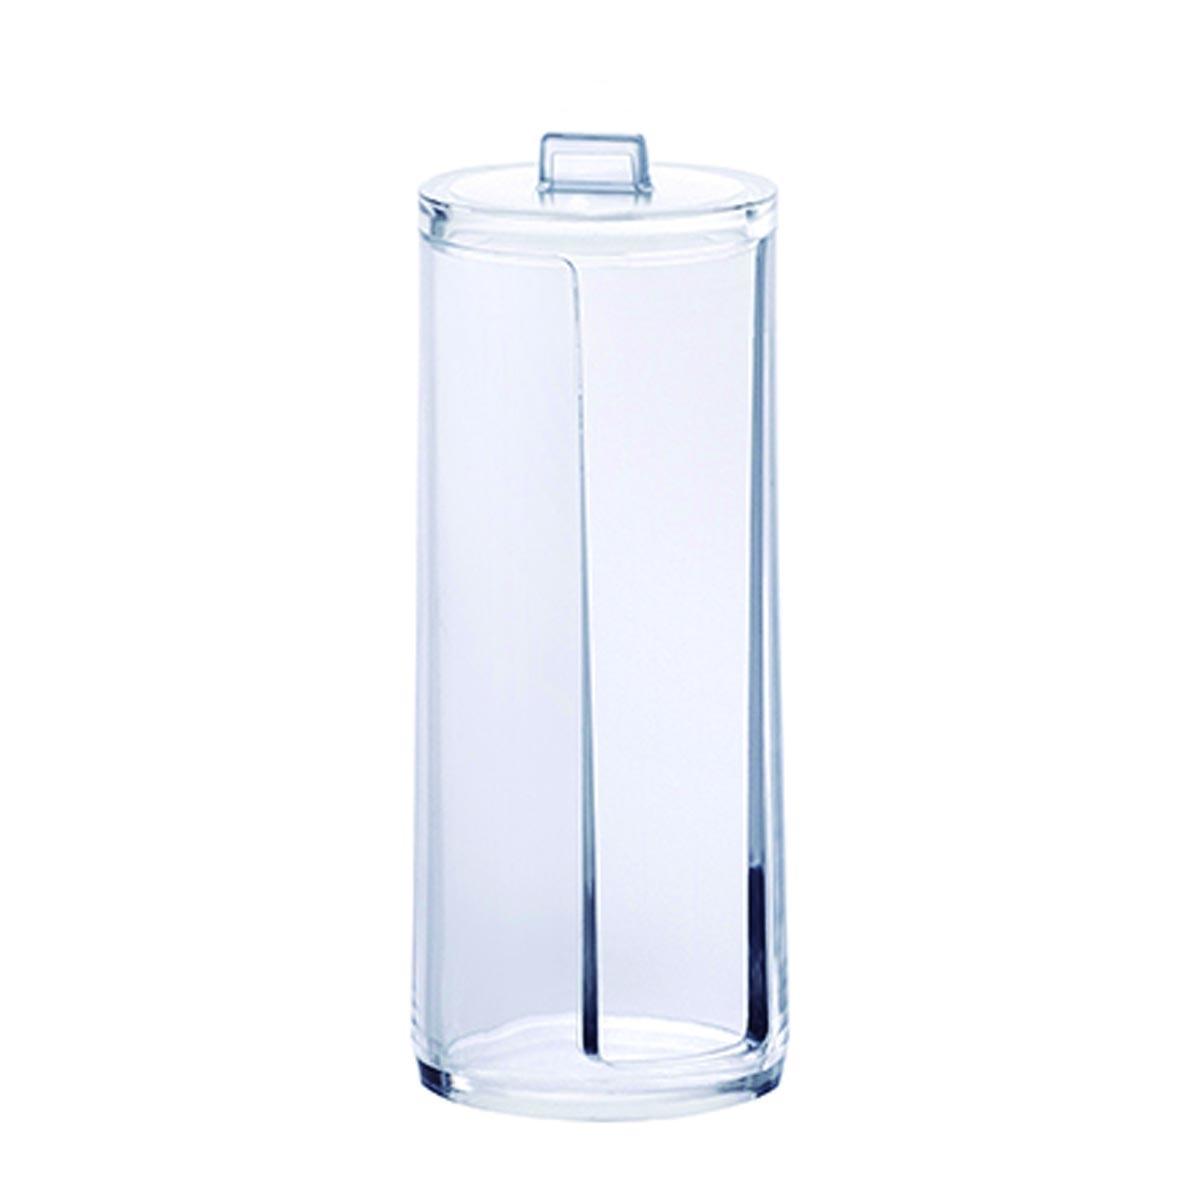 Porta Algodão Paramount Plásticos Redondo 7,5 x 19,5 cm - 12